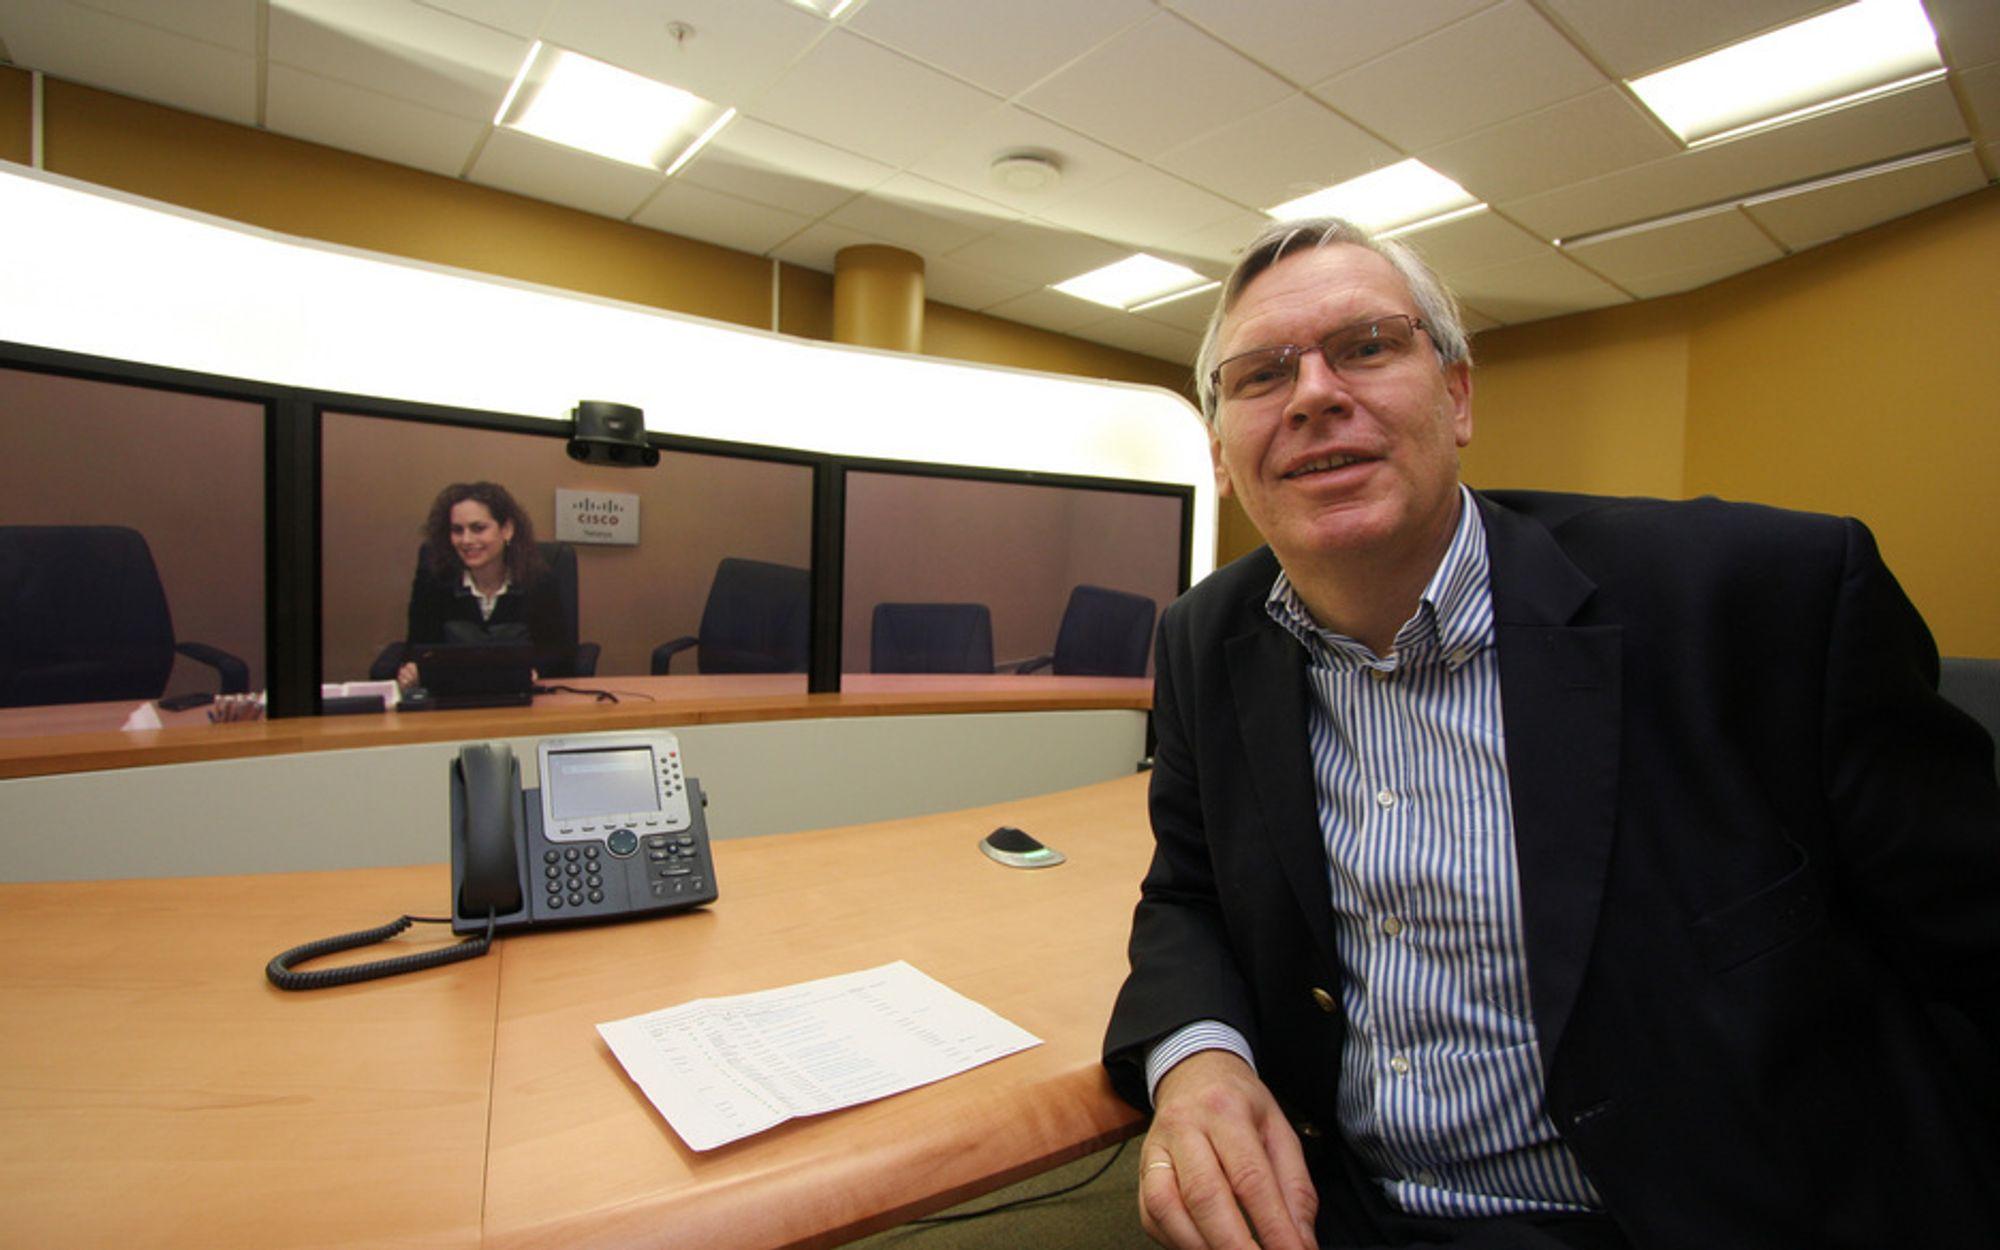 Cisco-sjef Jørgen Myrland var den som først tok opp temaet styremøter på video. Han fikk støtte blant annet fra Høyre, men de fikk ikke gehør. Nå vil Høyre forsøke på nytt.